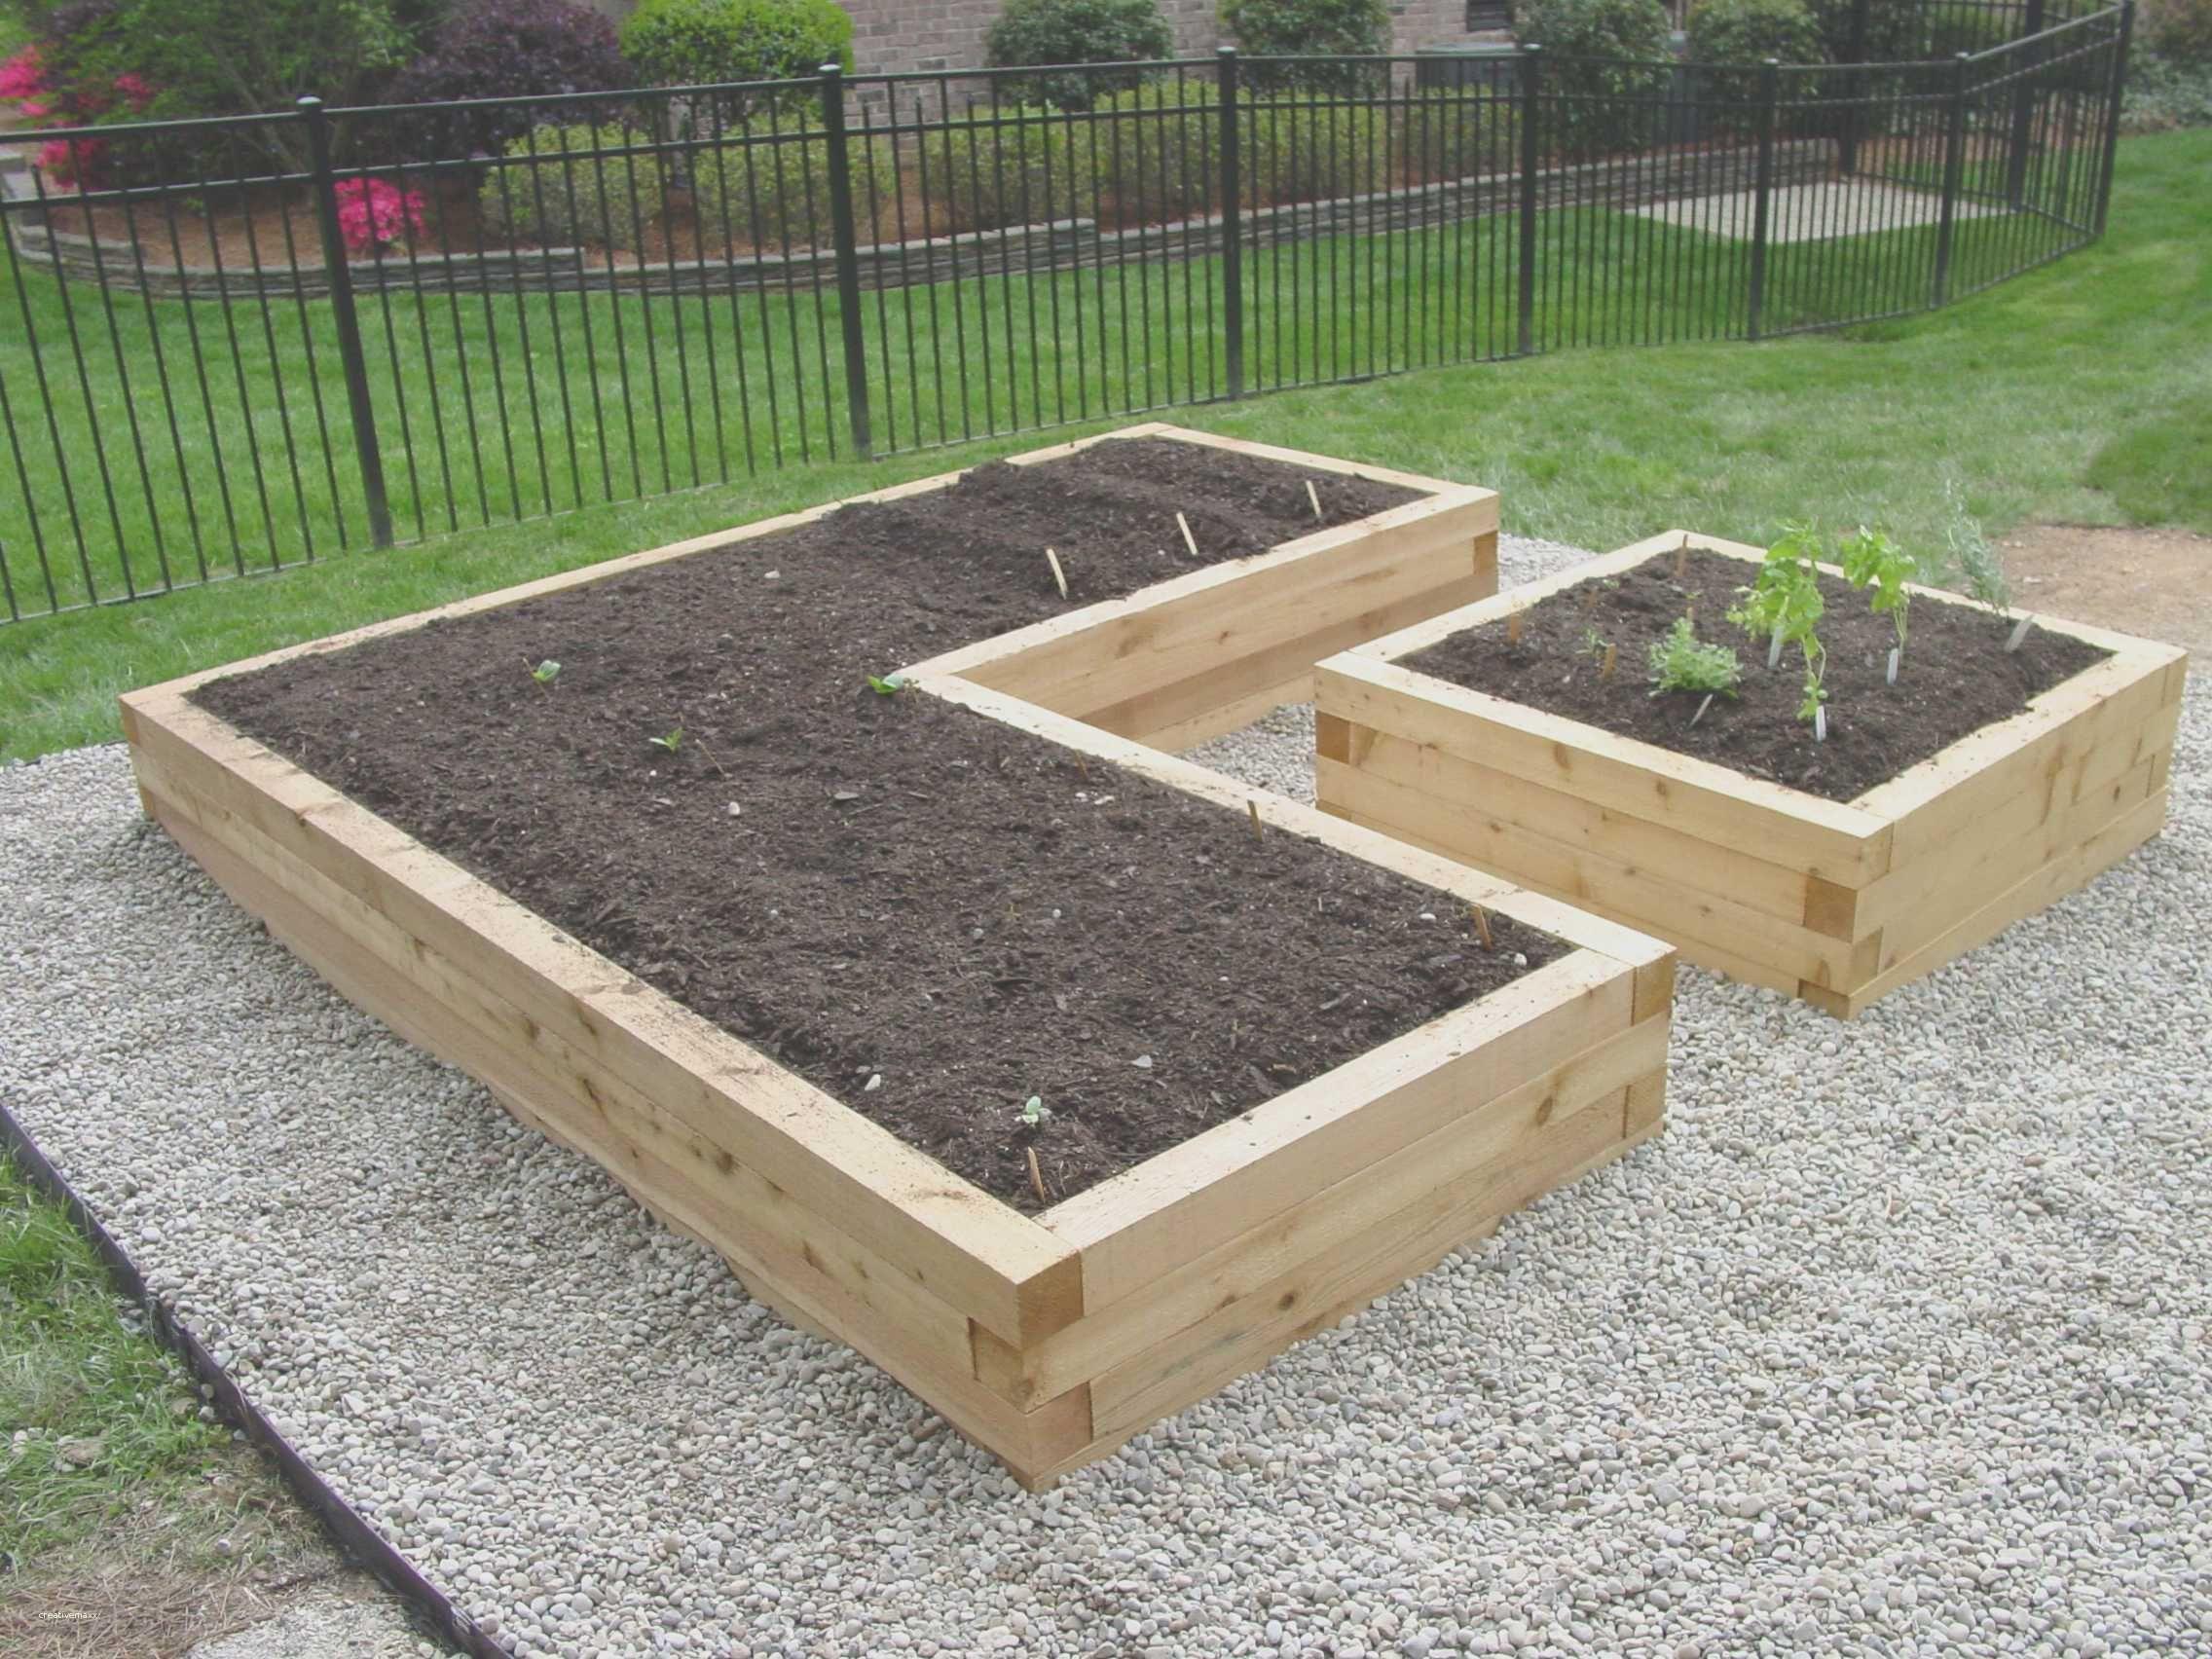 Raised Garden Ideas Diy Vegetable Lovely Raised Garden Ideas Diy Vegetable Pact Ve Able G Vegetable Garden Raised Beds Diy Raised Garden Cedar Raised Garden